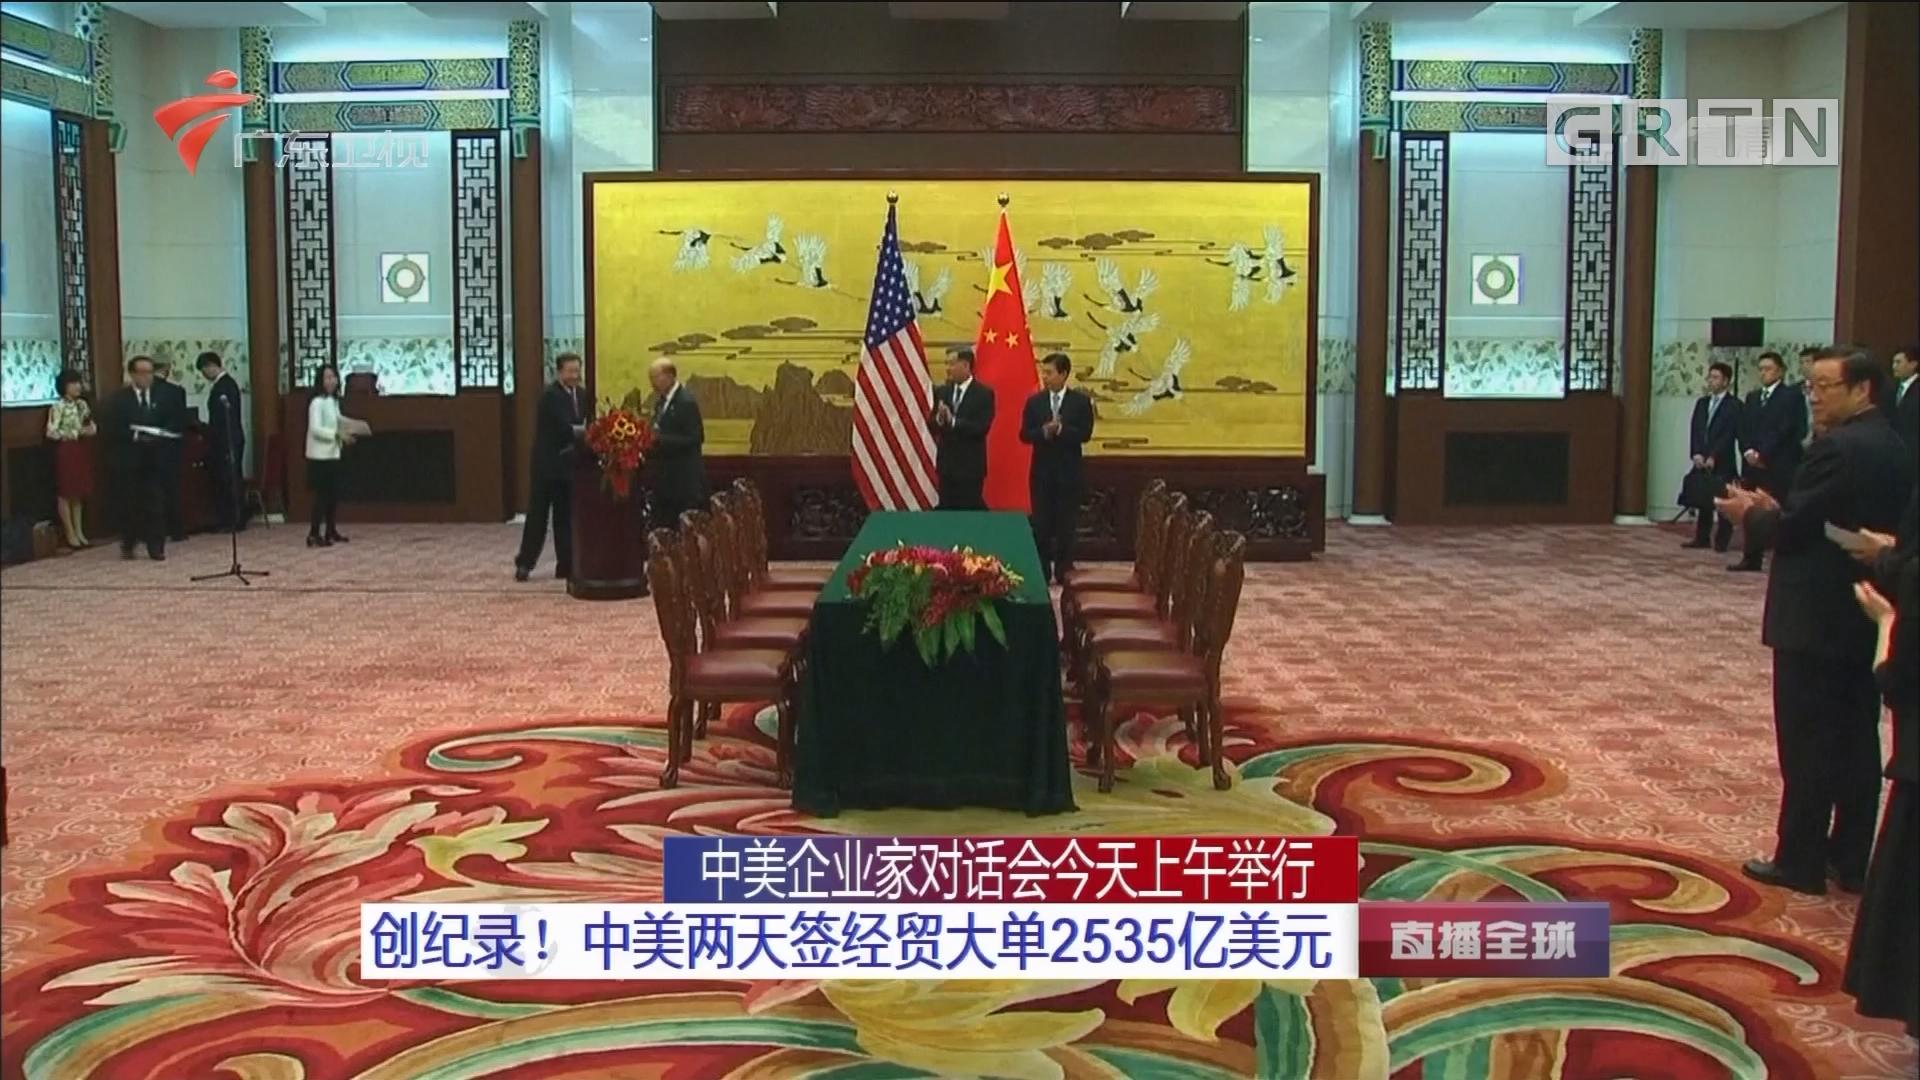 中美企业家对话会今天上午举行:创记录!中美两天签经贸大单2535亿美元